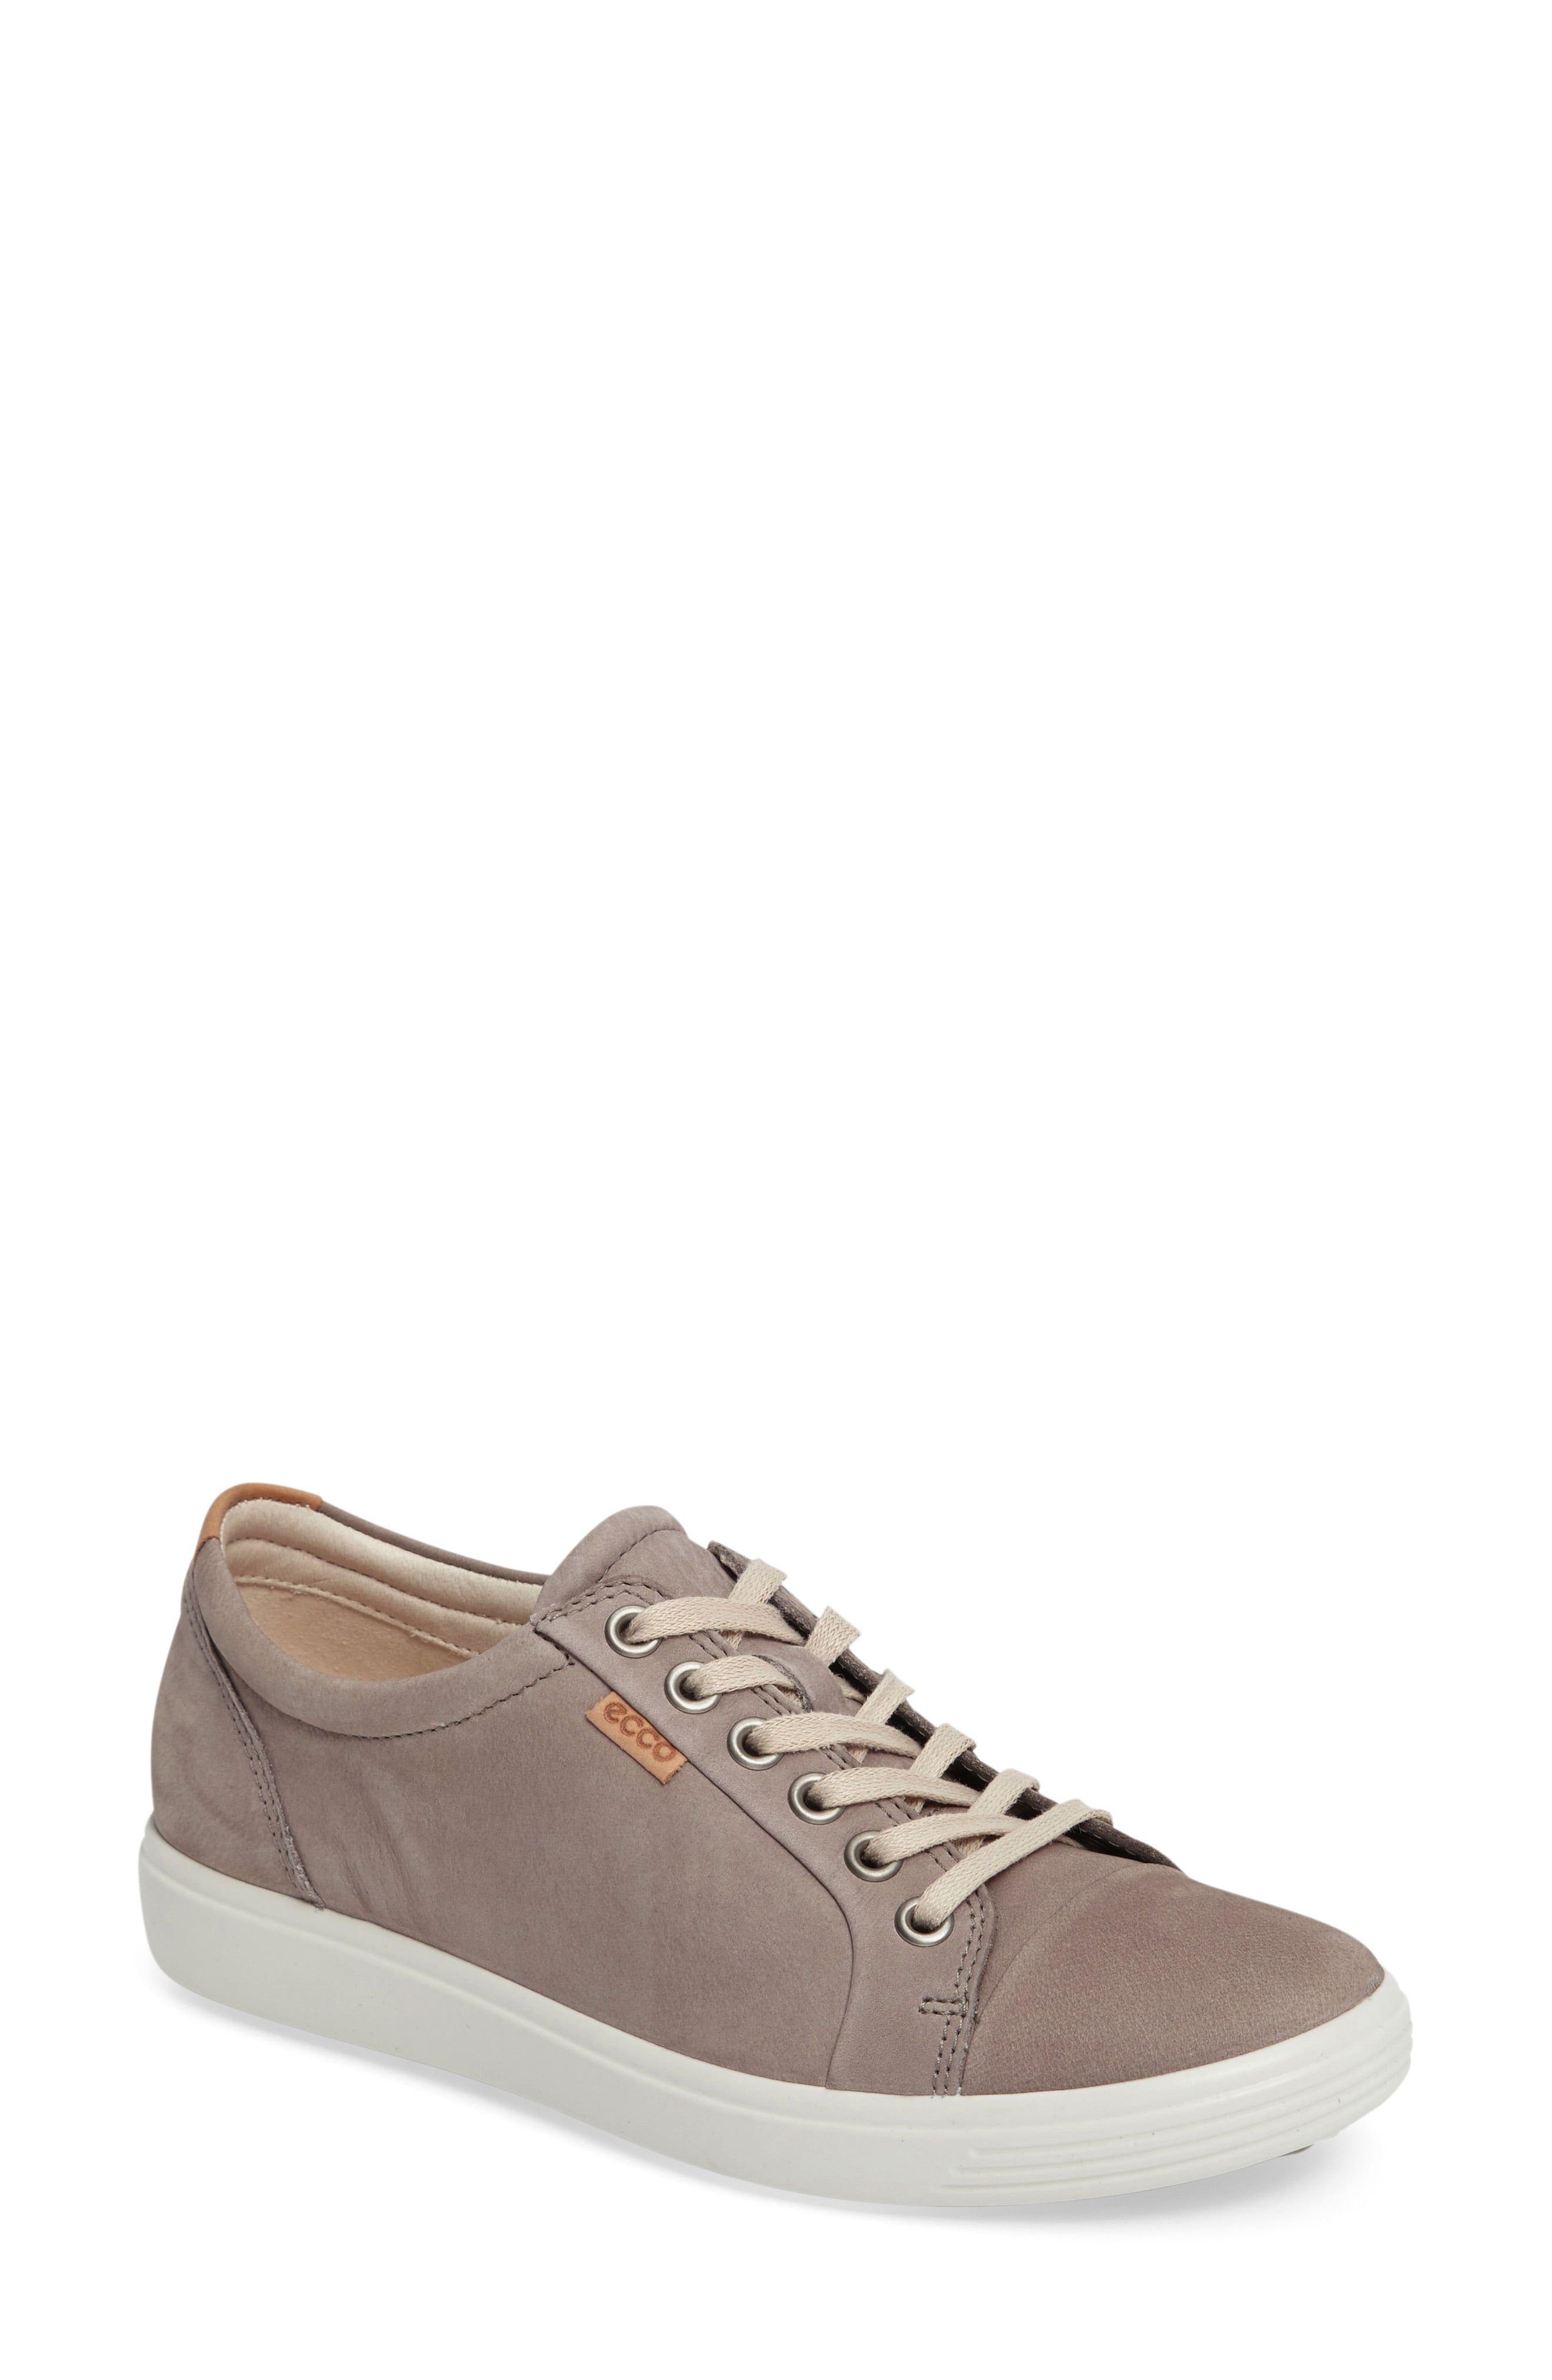 Women's Ecco Soft 7 Sneaker, Size 12-12